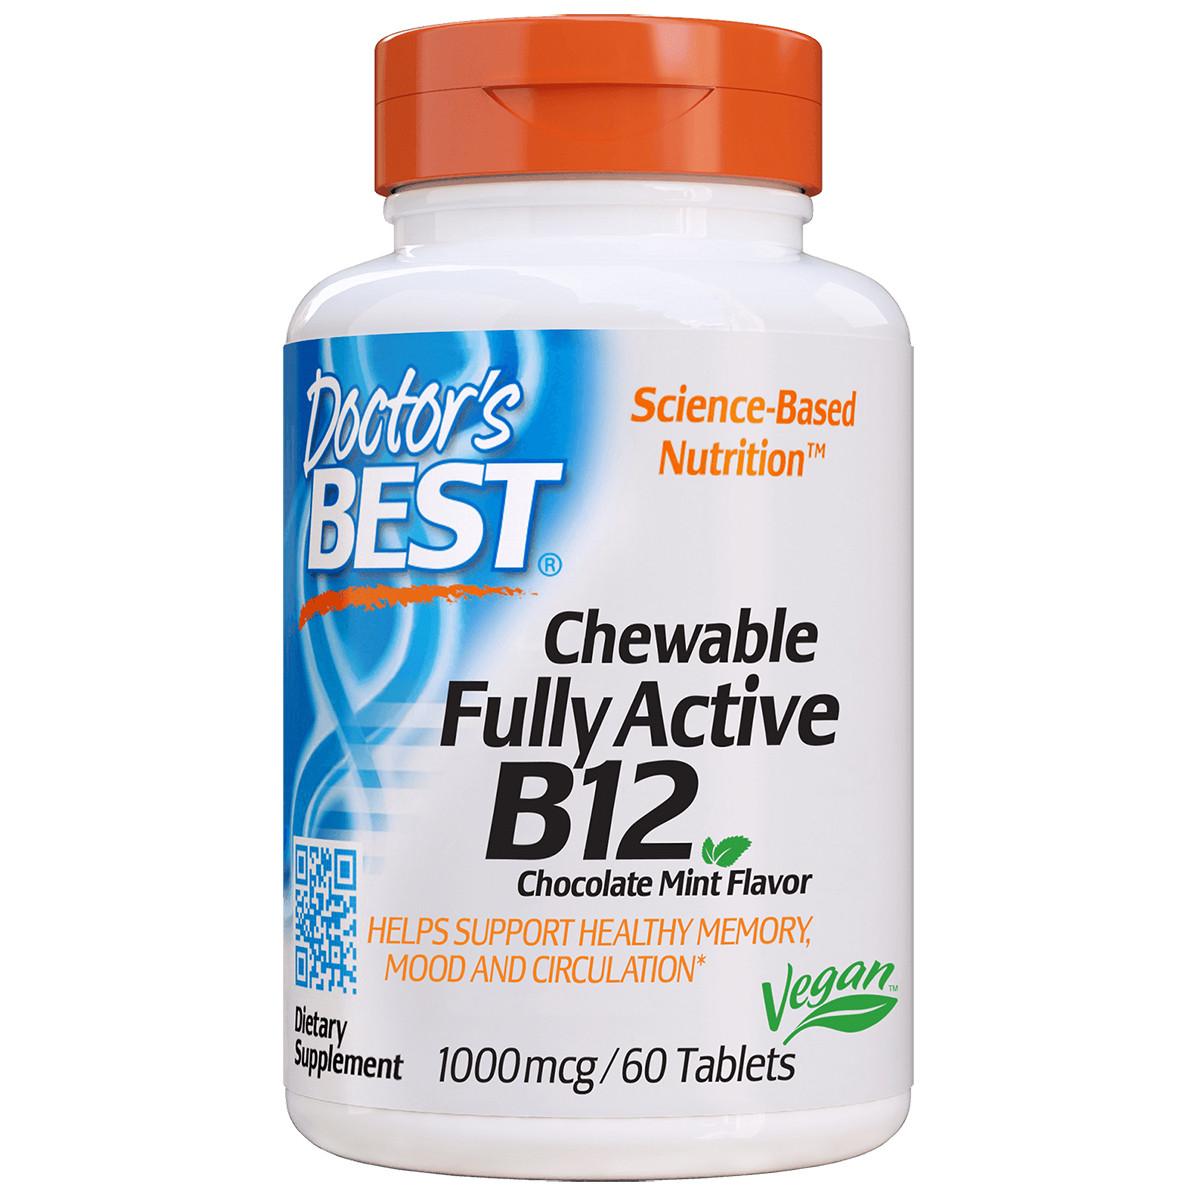 Полностью Активированный Витамин В12 1000мкг, Шоколадно-Мятный Вкус, Doctor's Best, 60 жевательных таблеток